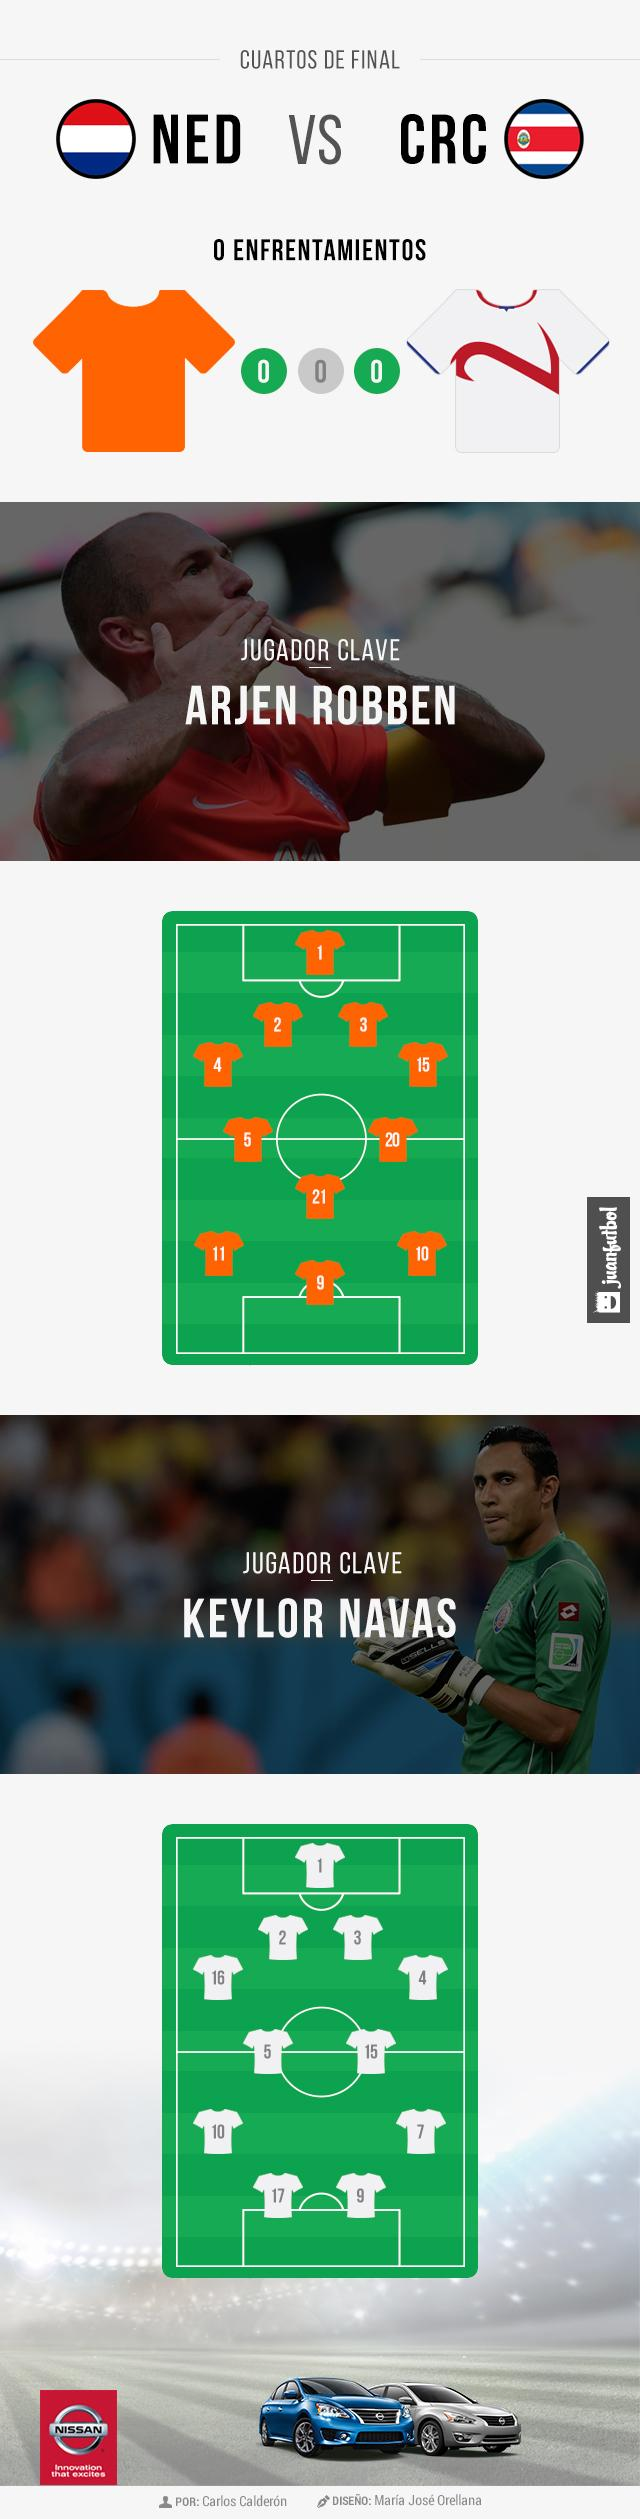 Las alineaciones del Holanda contra Costa Rica